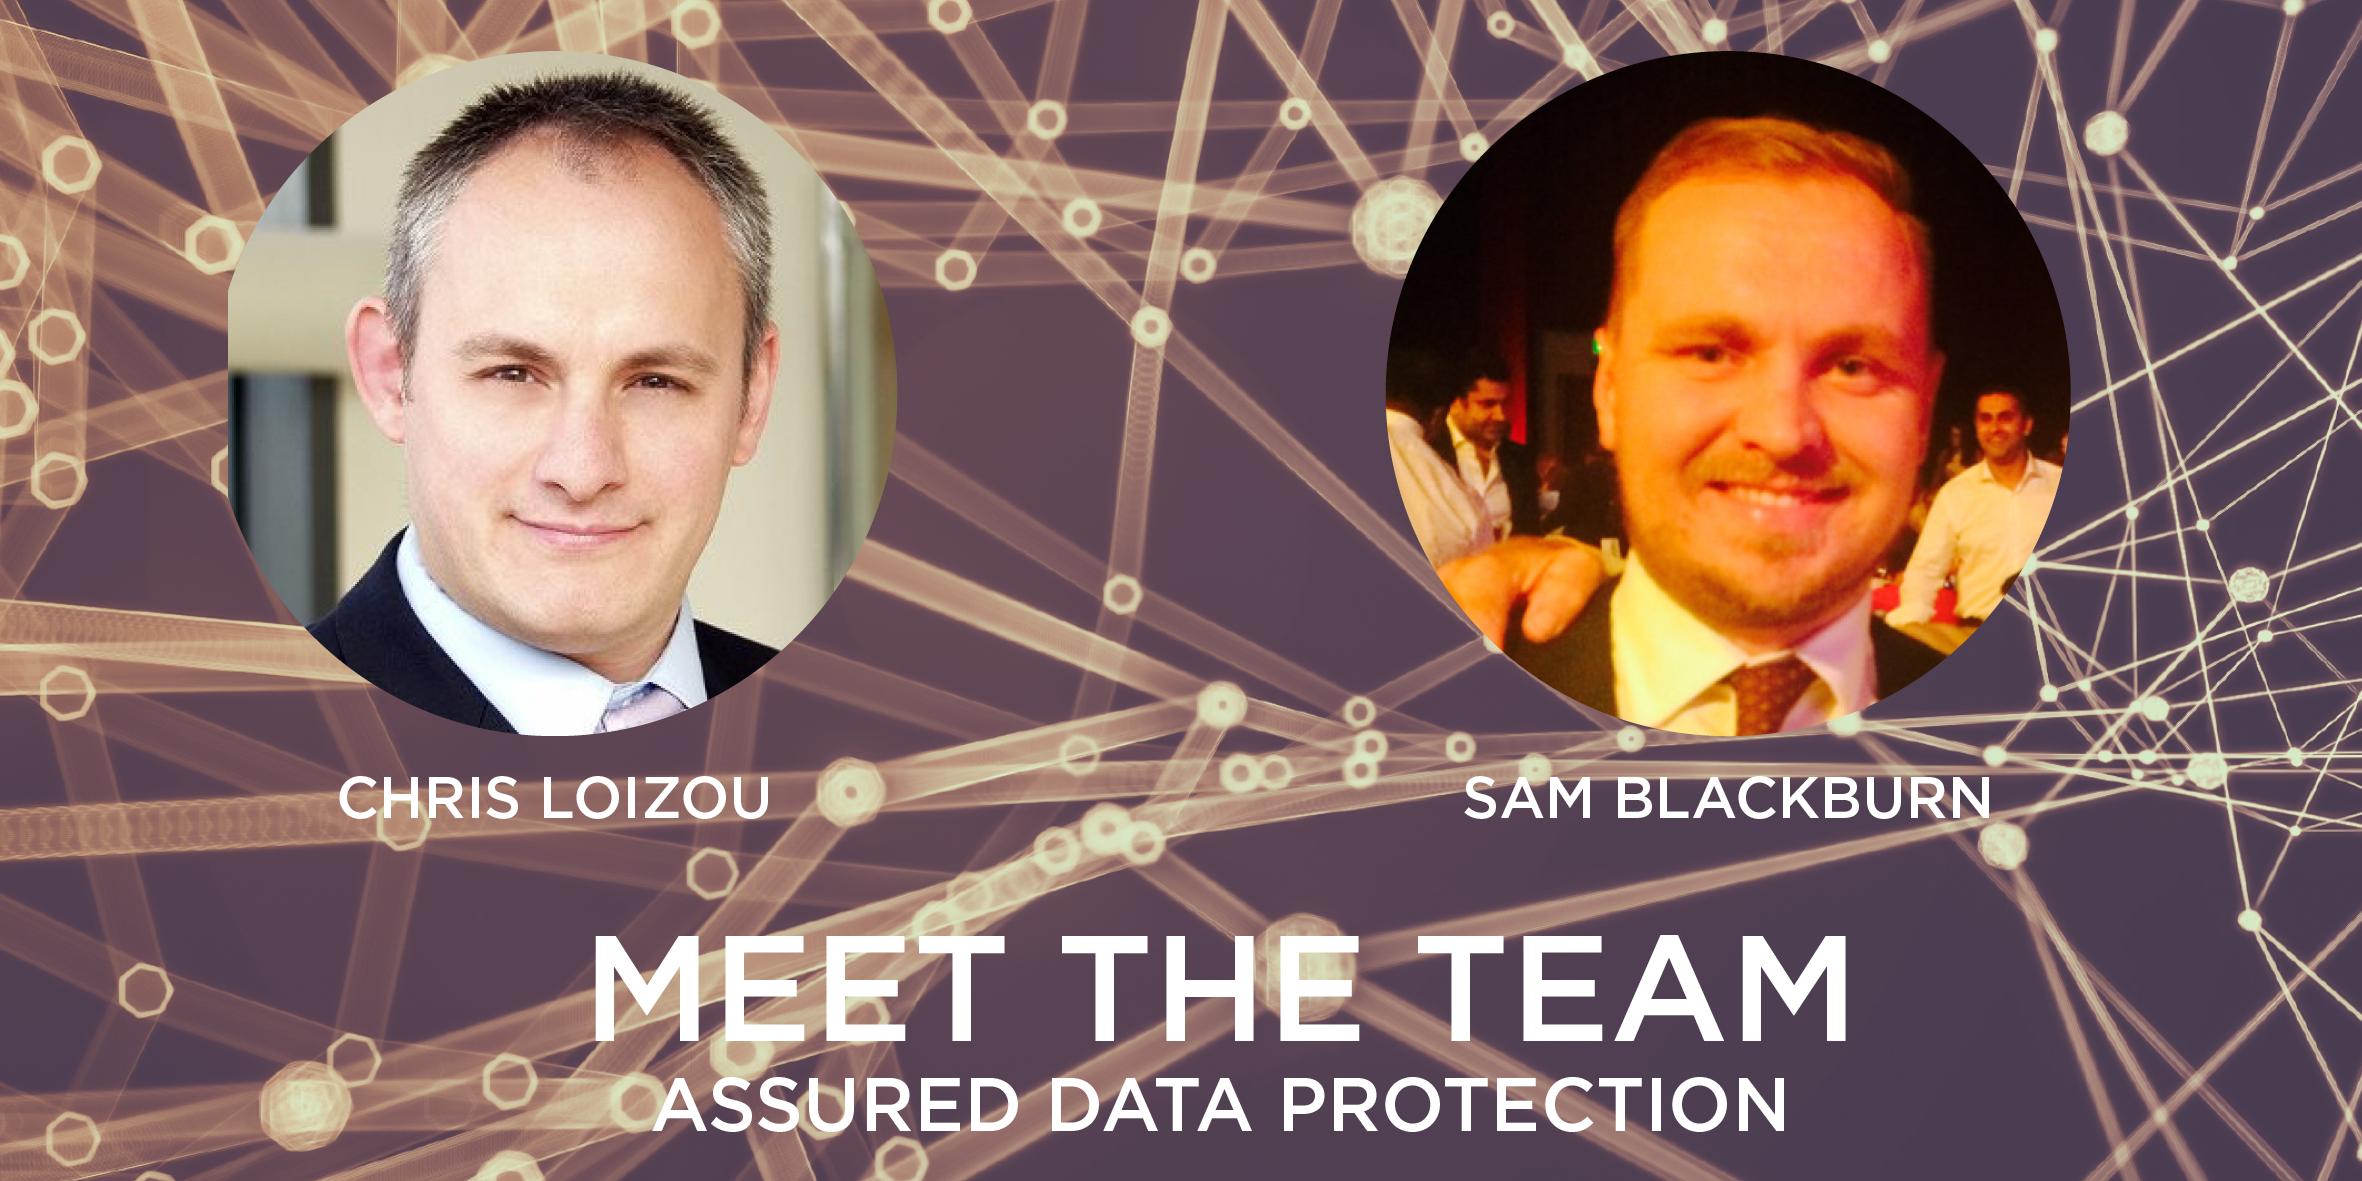 Meet The Team - Chris Loizou and Sam Blackburn